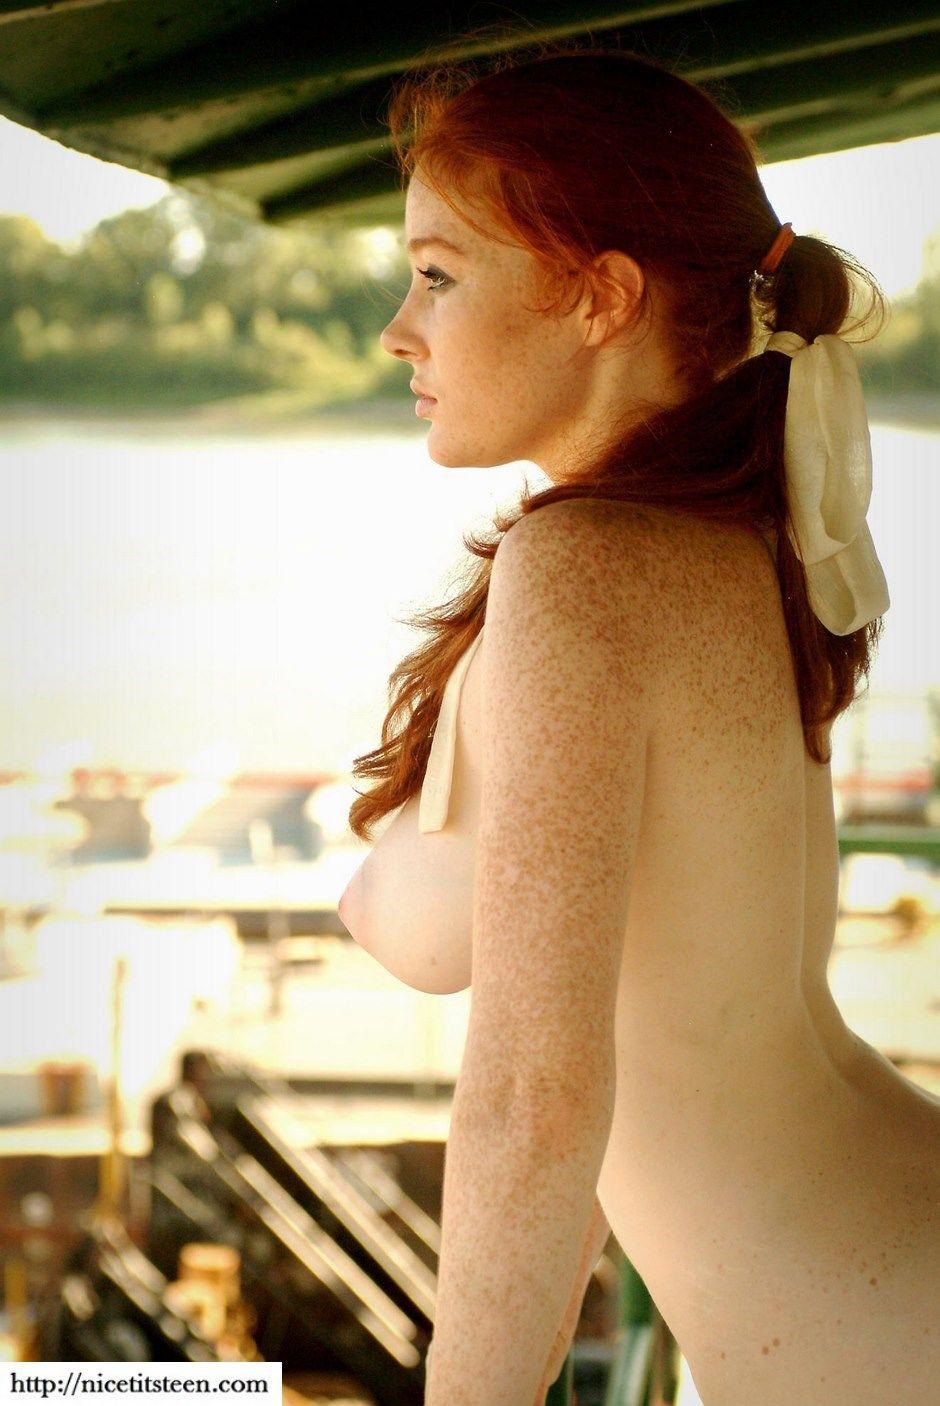 Hottest redhead nude women, amateur dorm sex